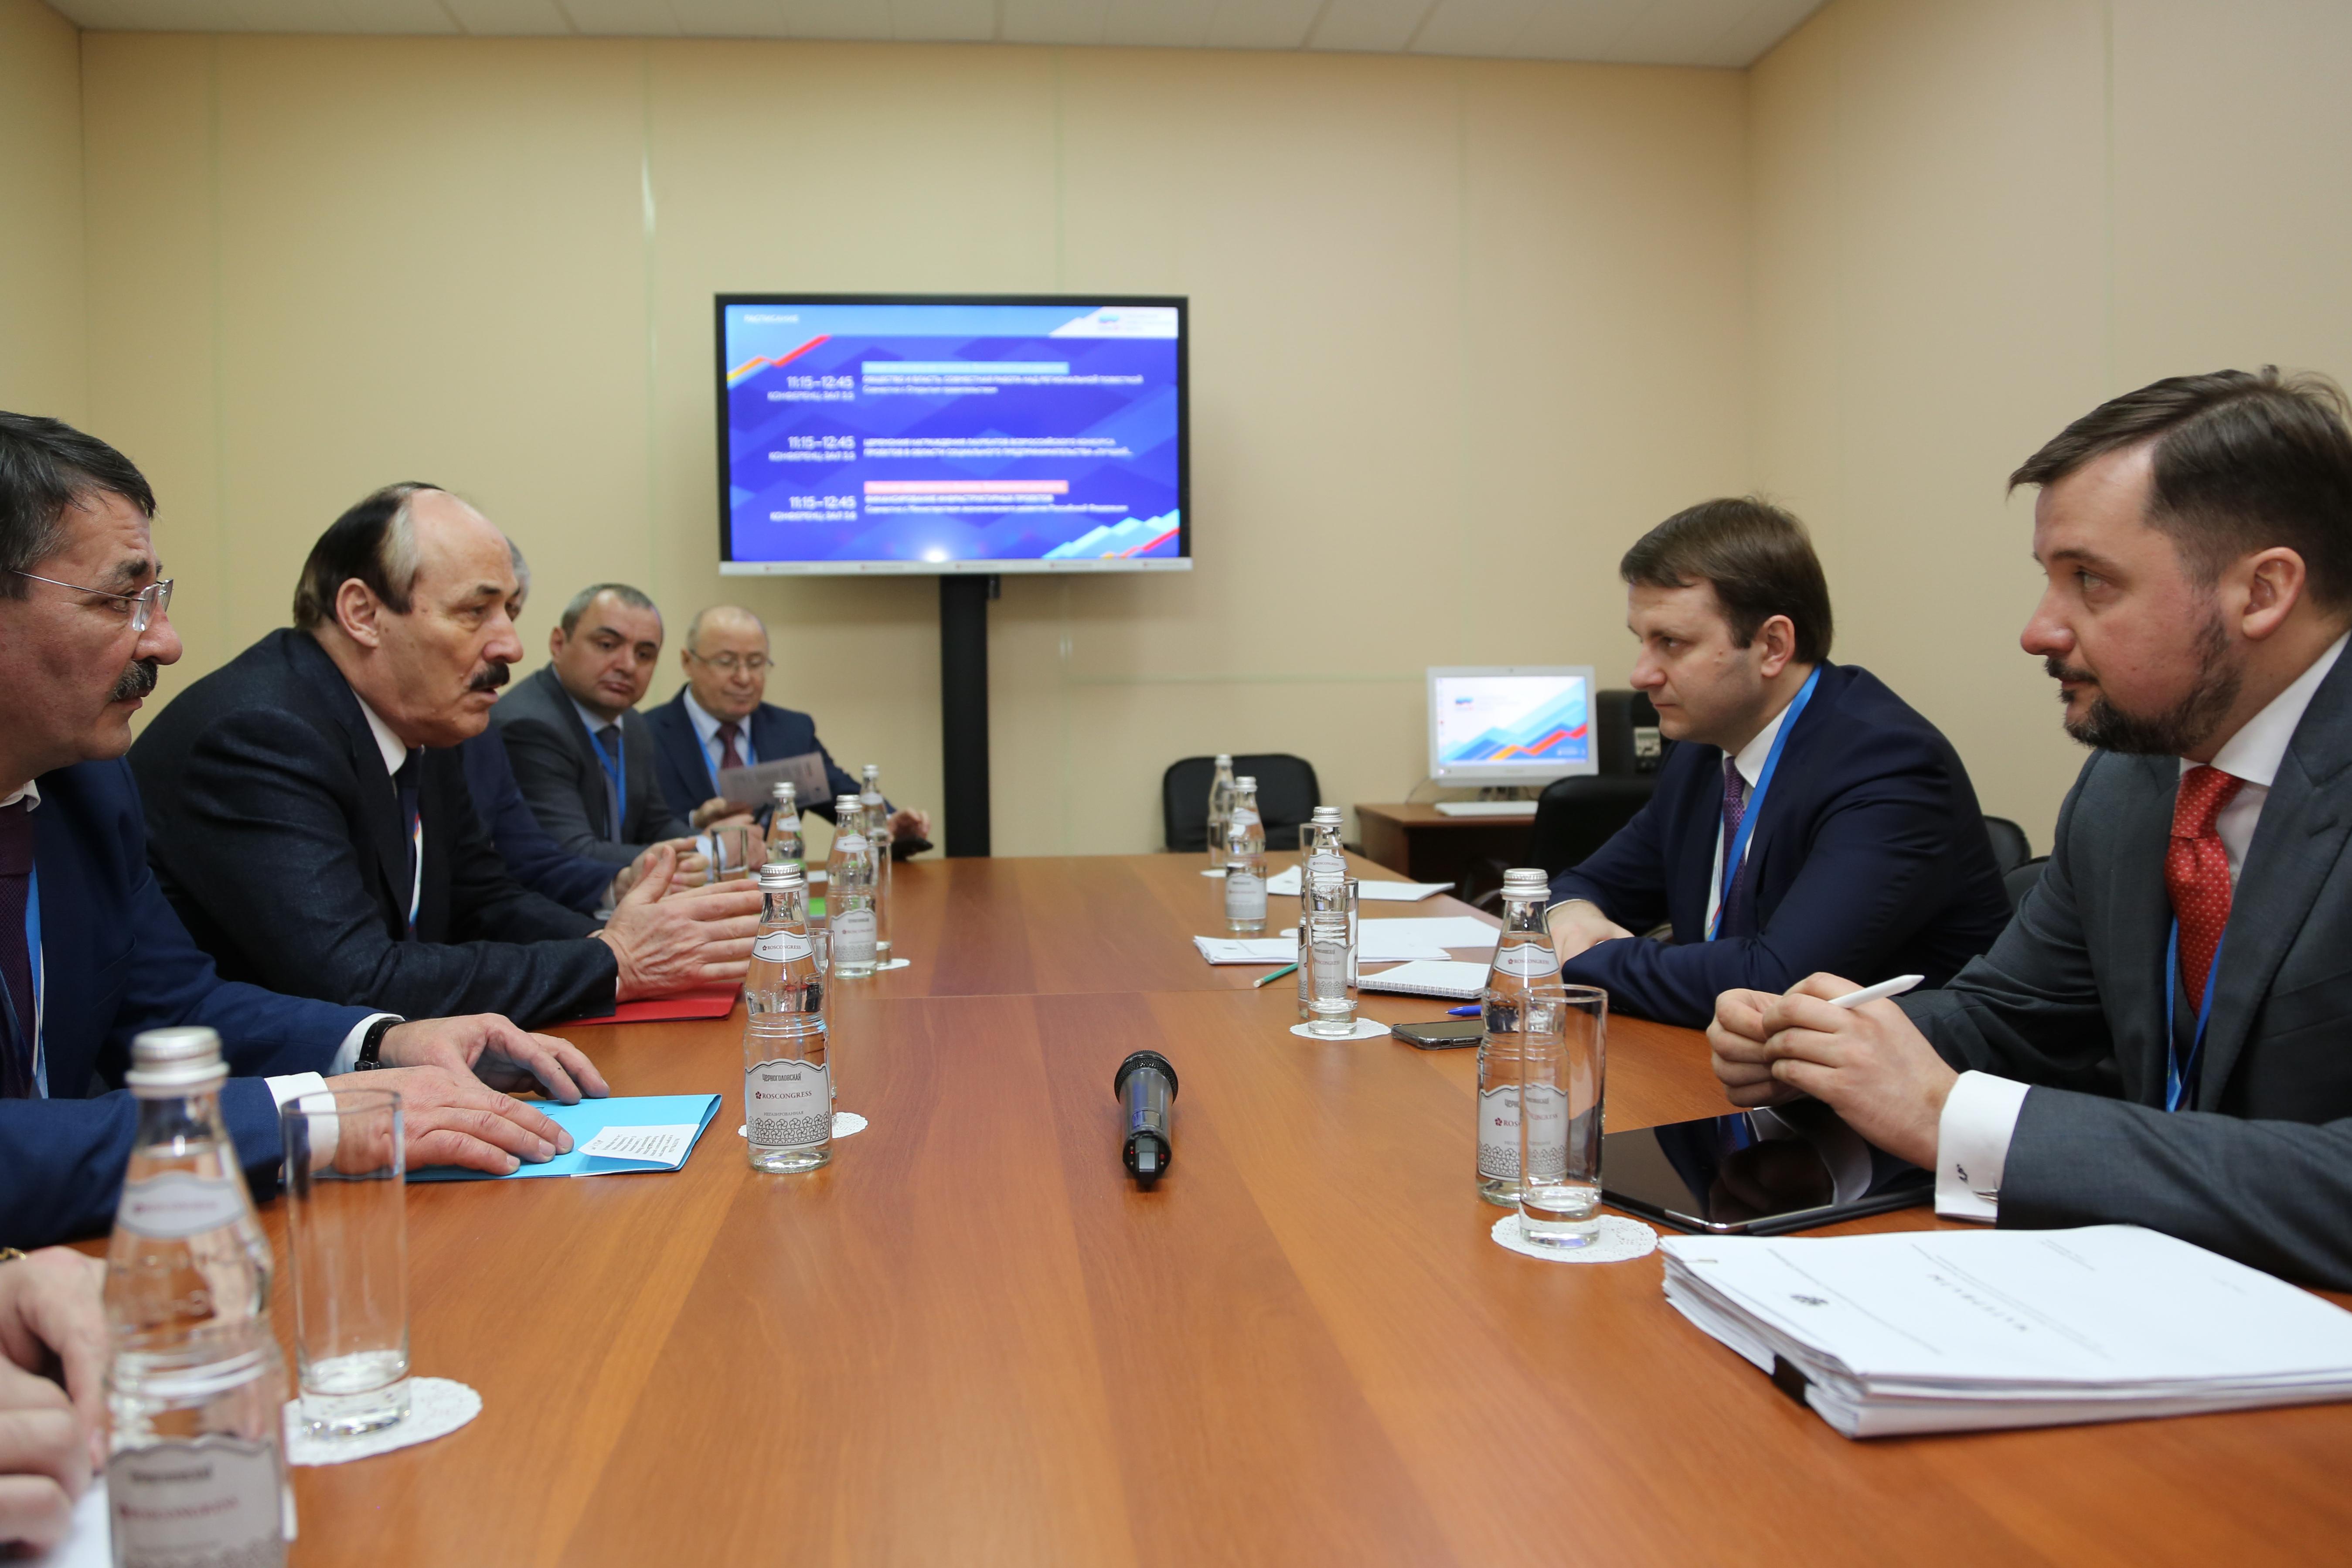 Рамазан Абдулатипов и Максим Орешкин обсудили социально-экономическую ситуацию в Дагестане